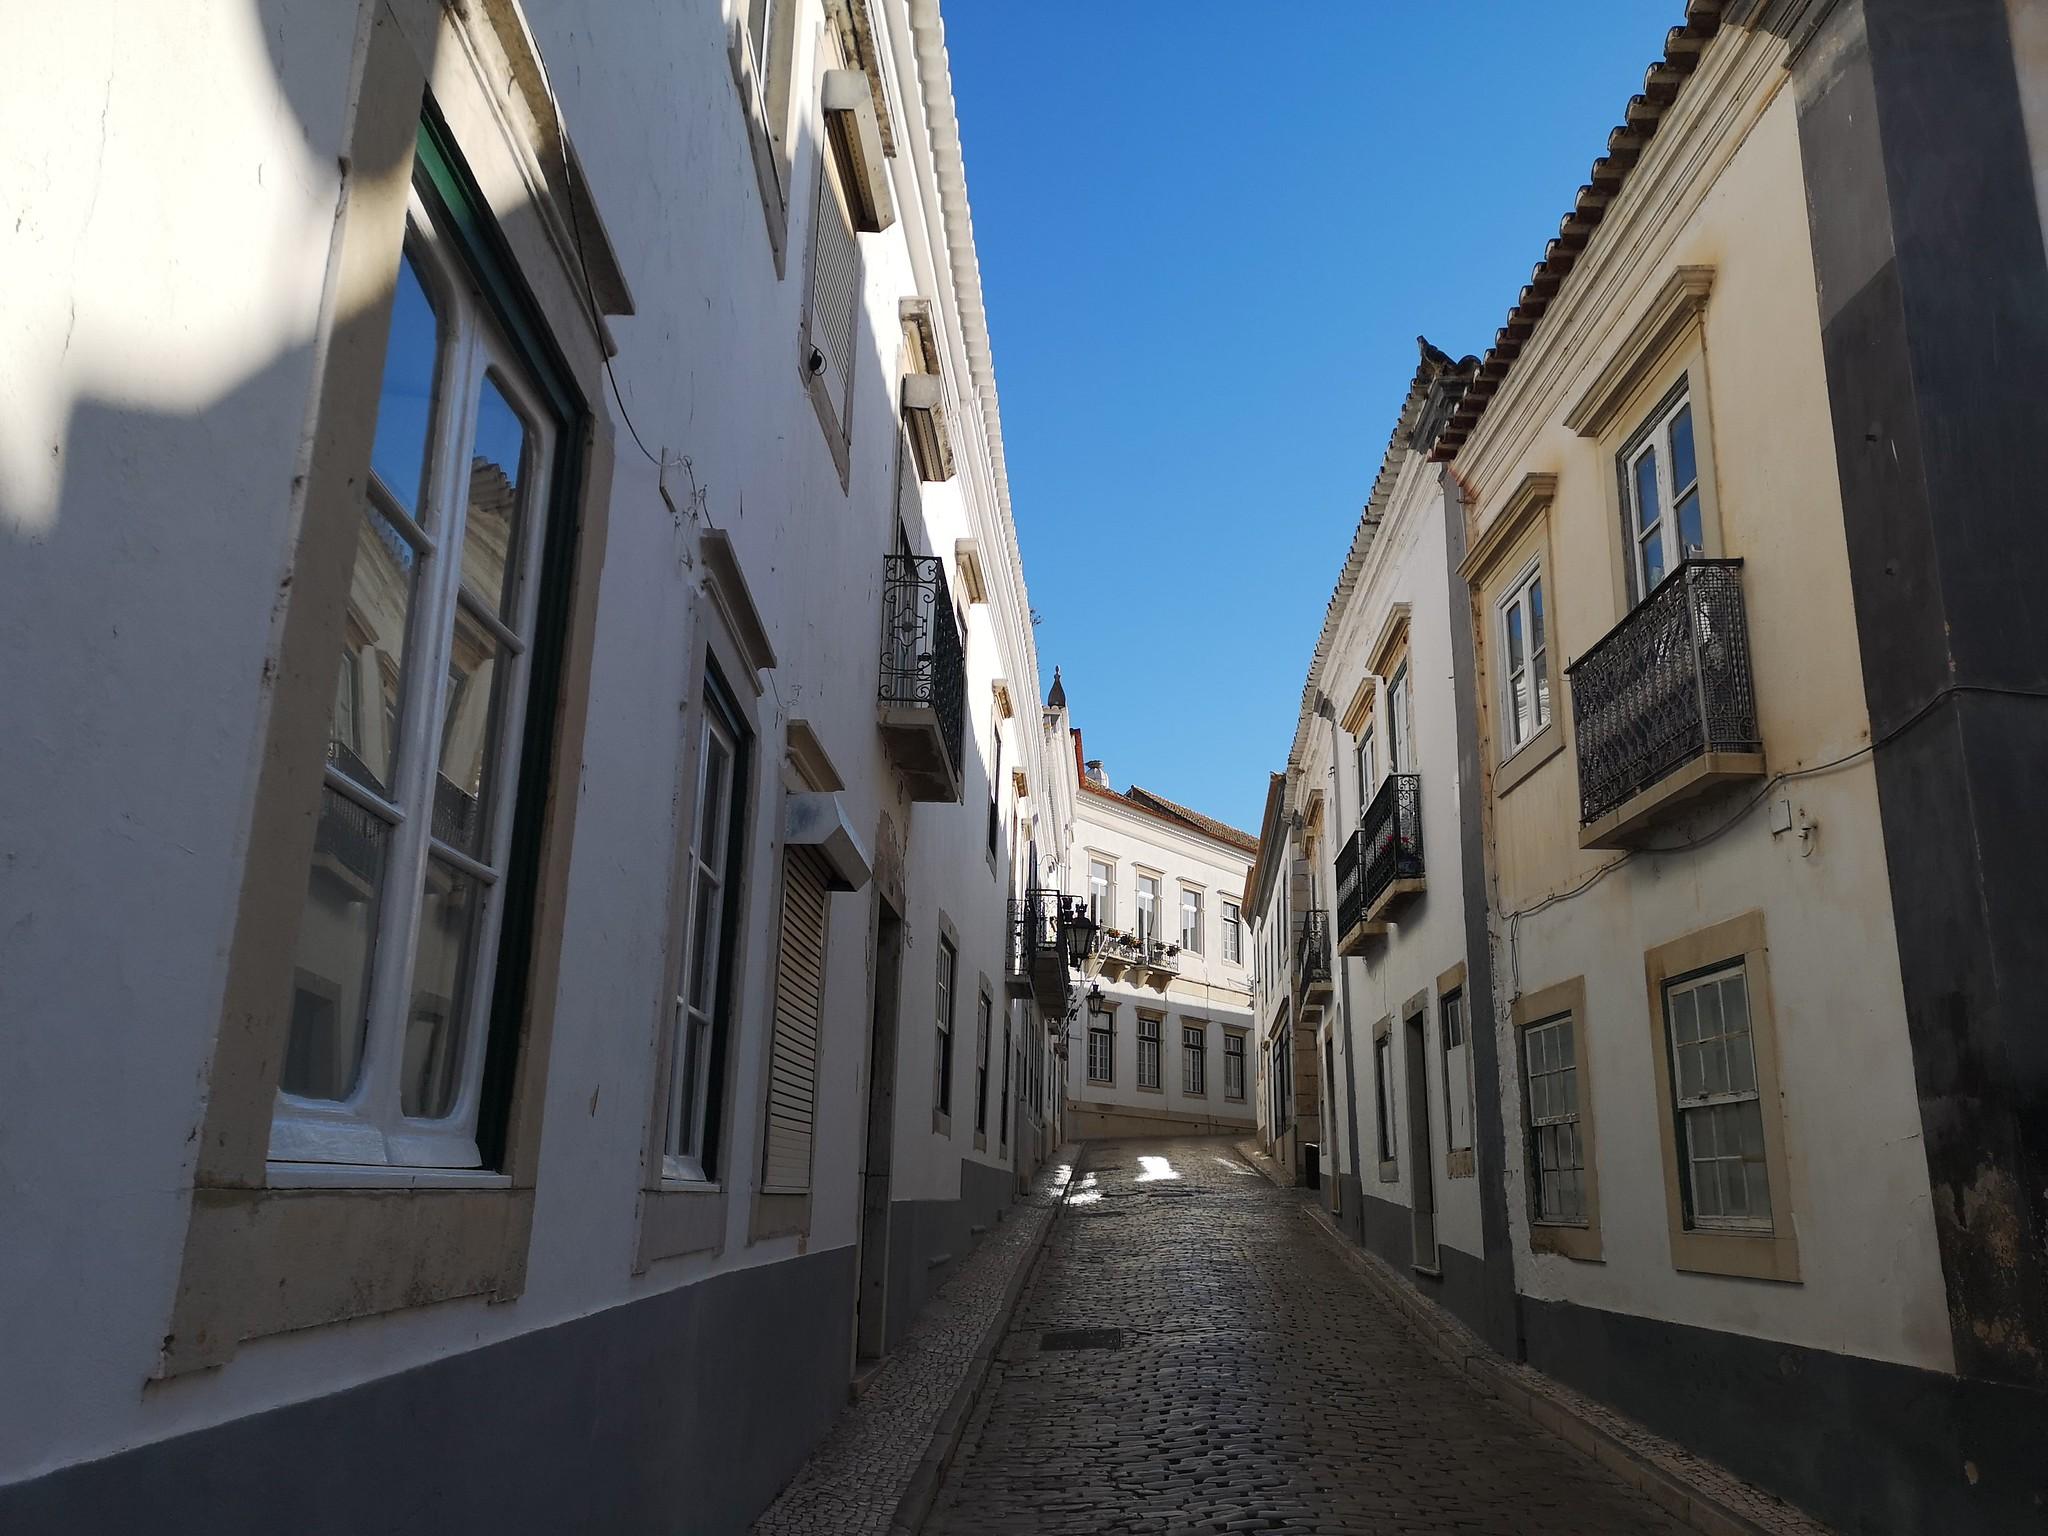 calle de centro historico de Faro Portugal